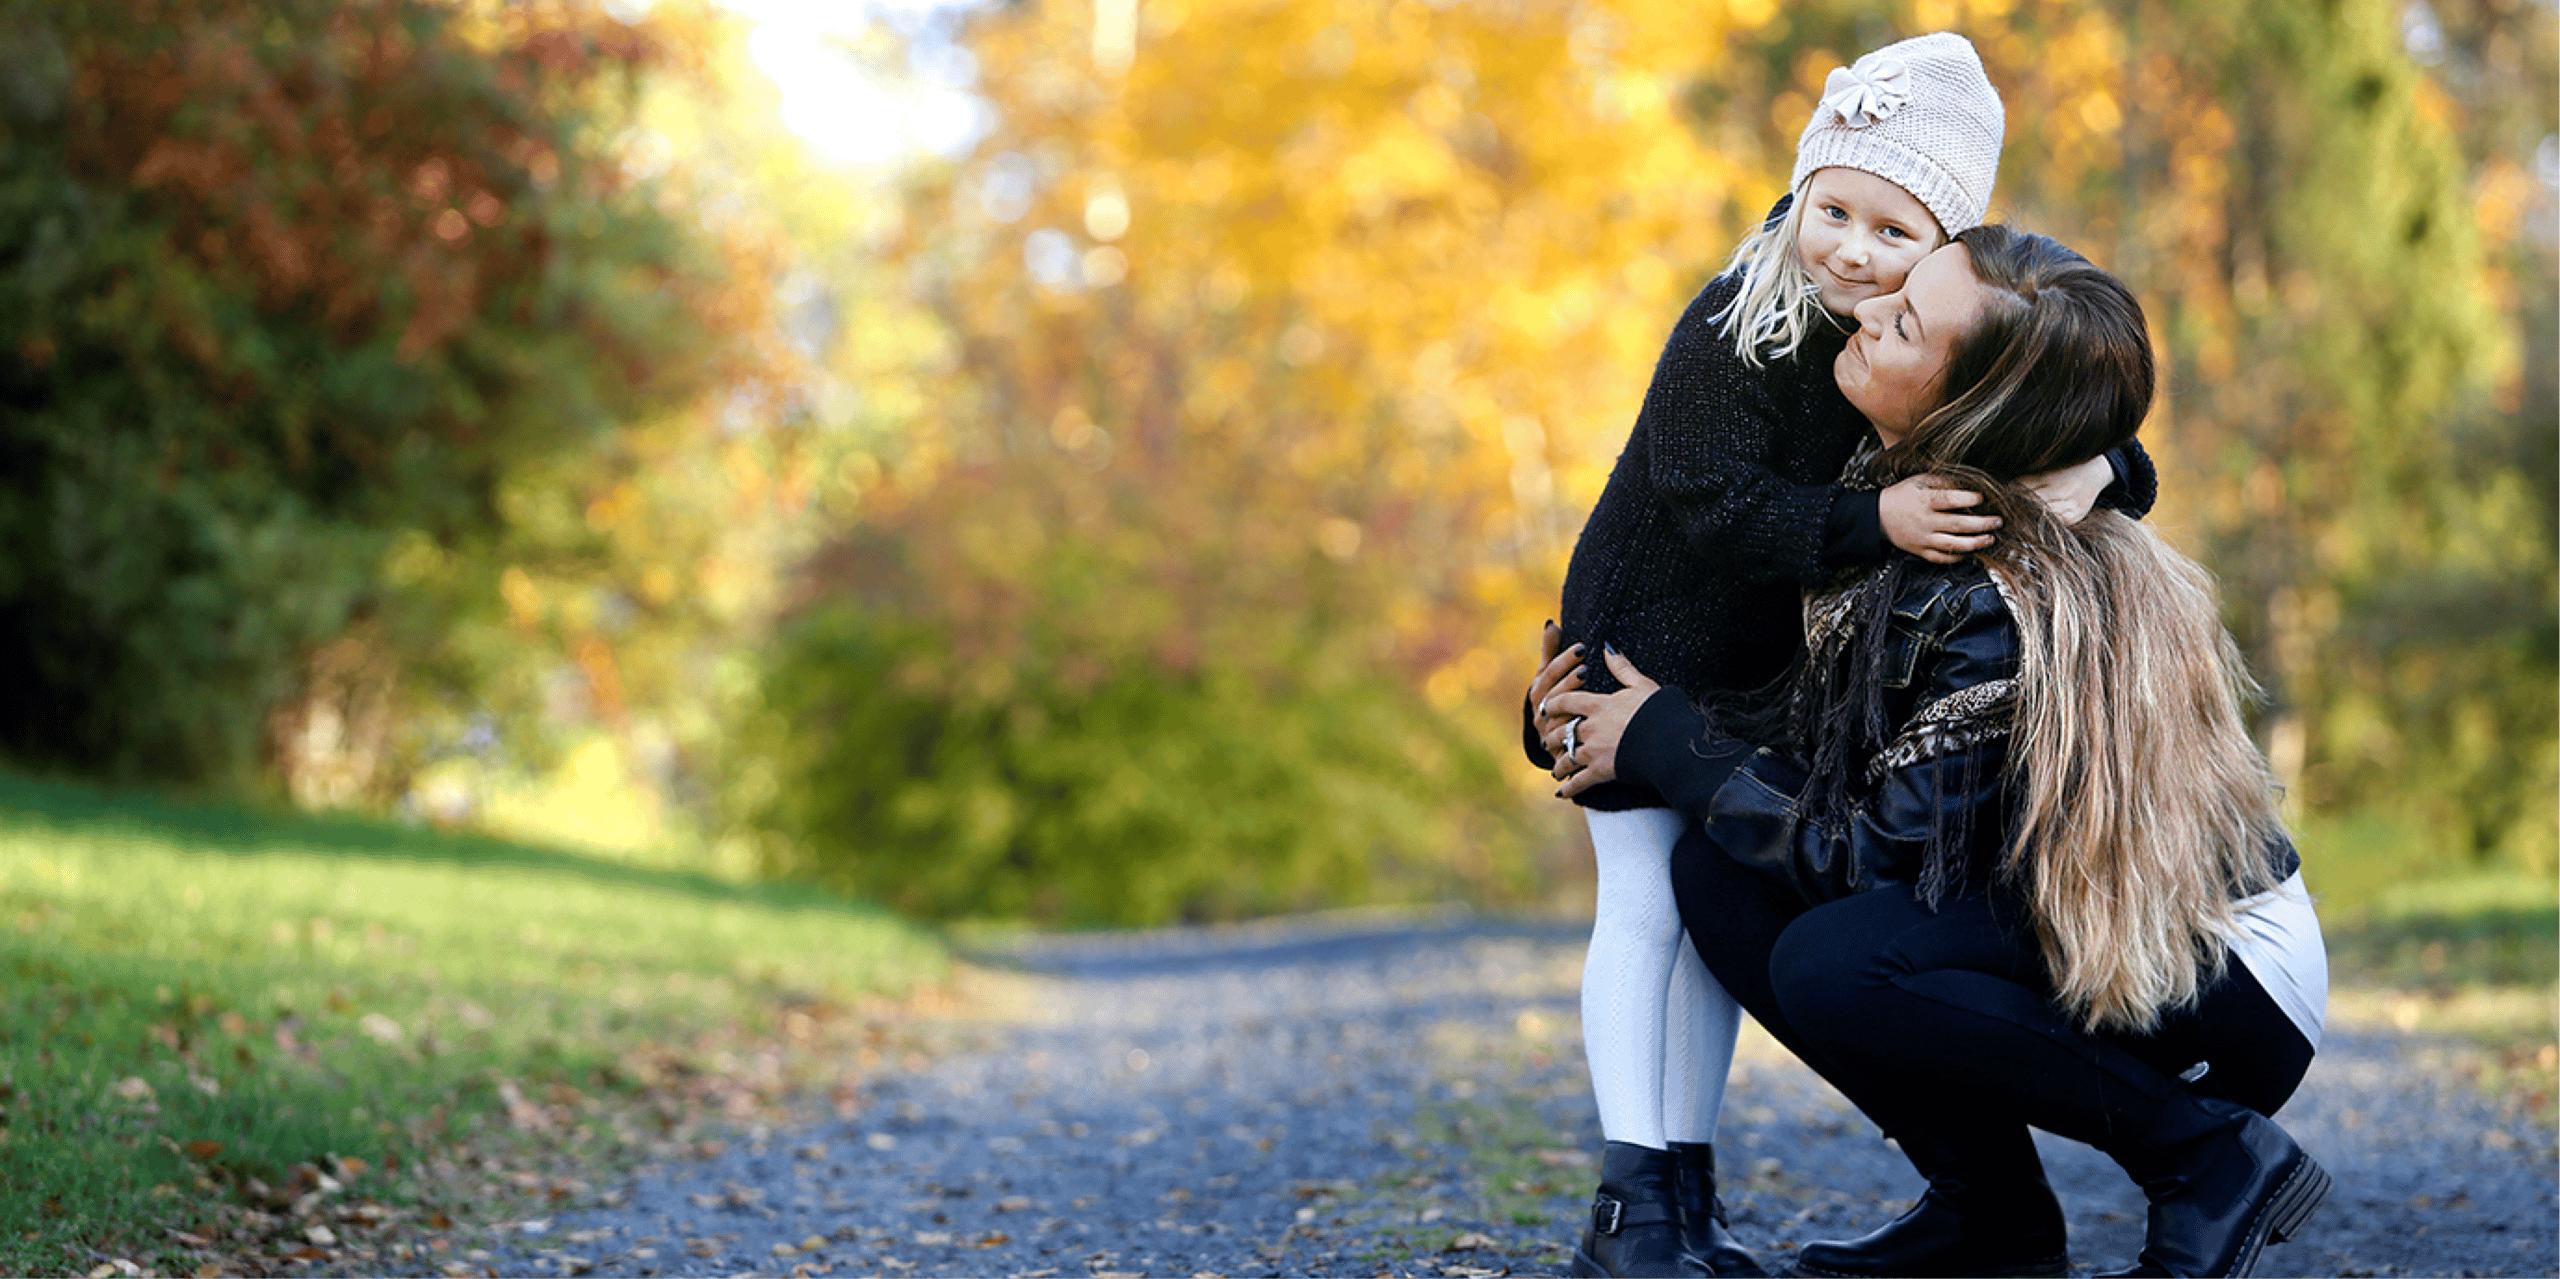 En vuxen kvinna och en flicka kramas på en grusväg. I bakgrunden finns träd med löv i olika färger.